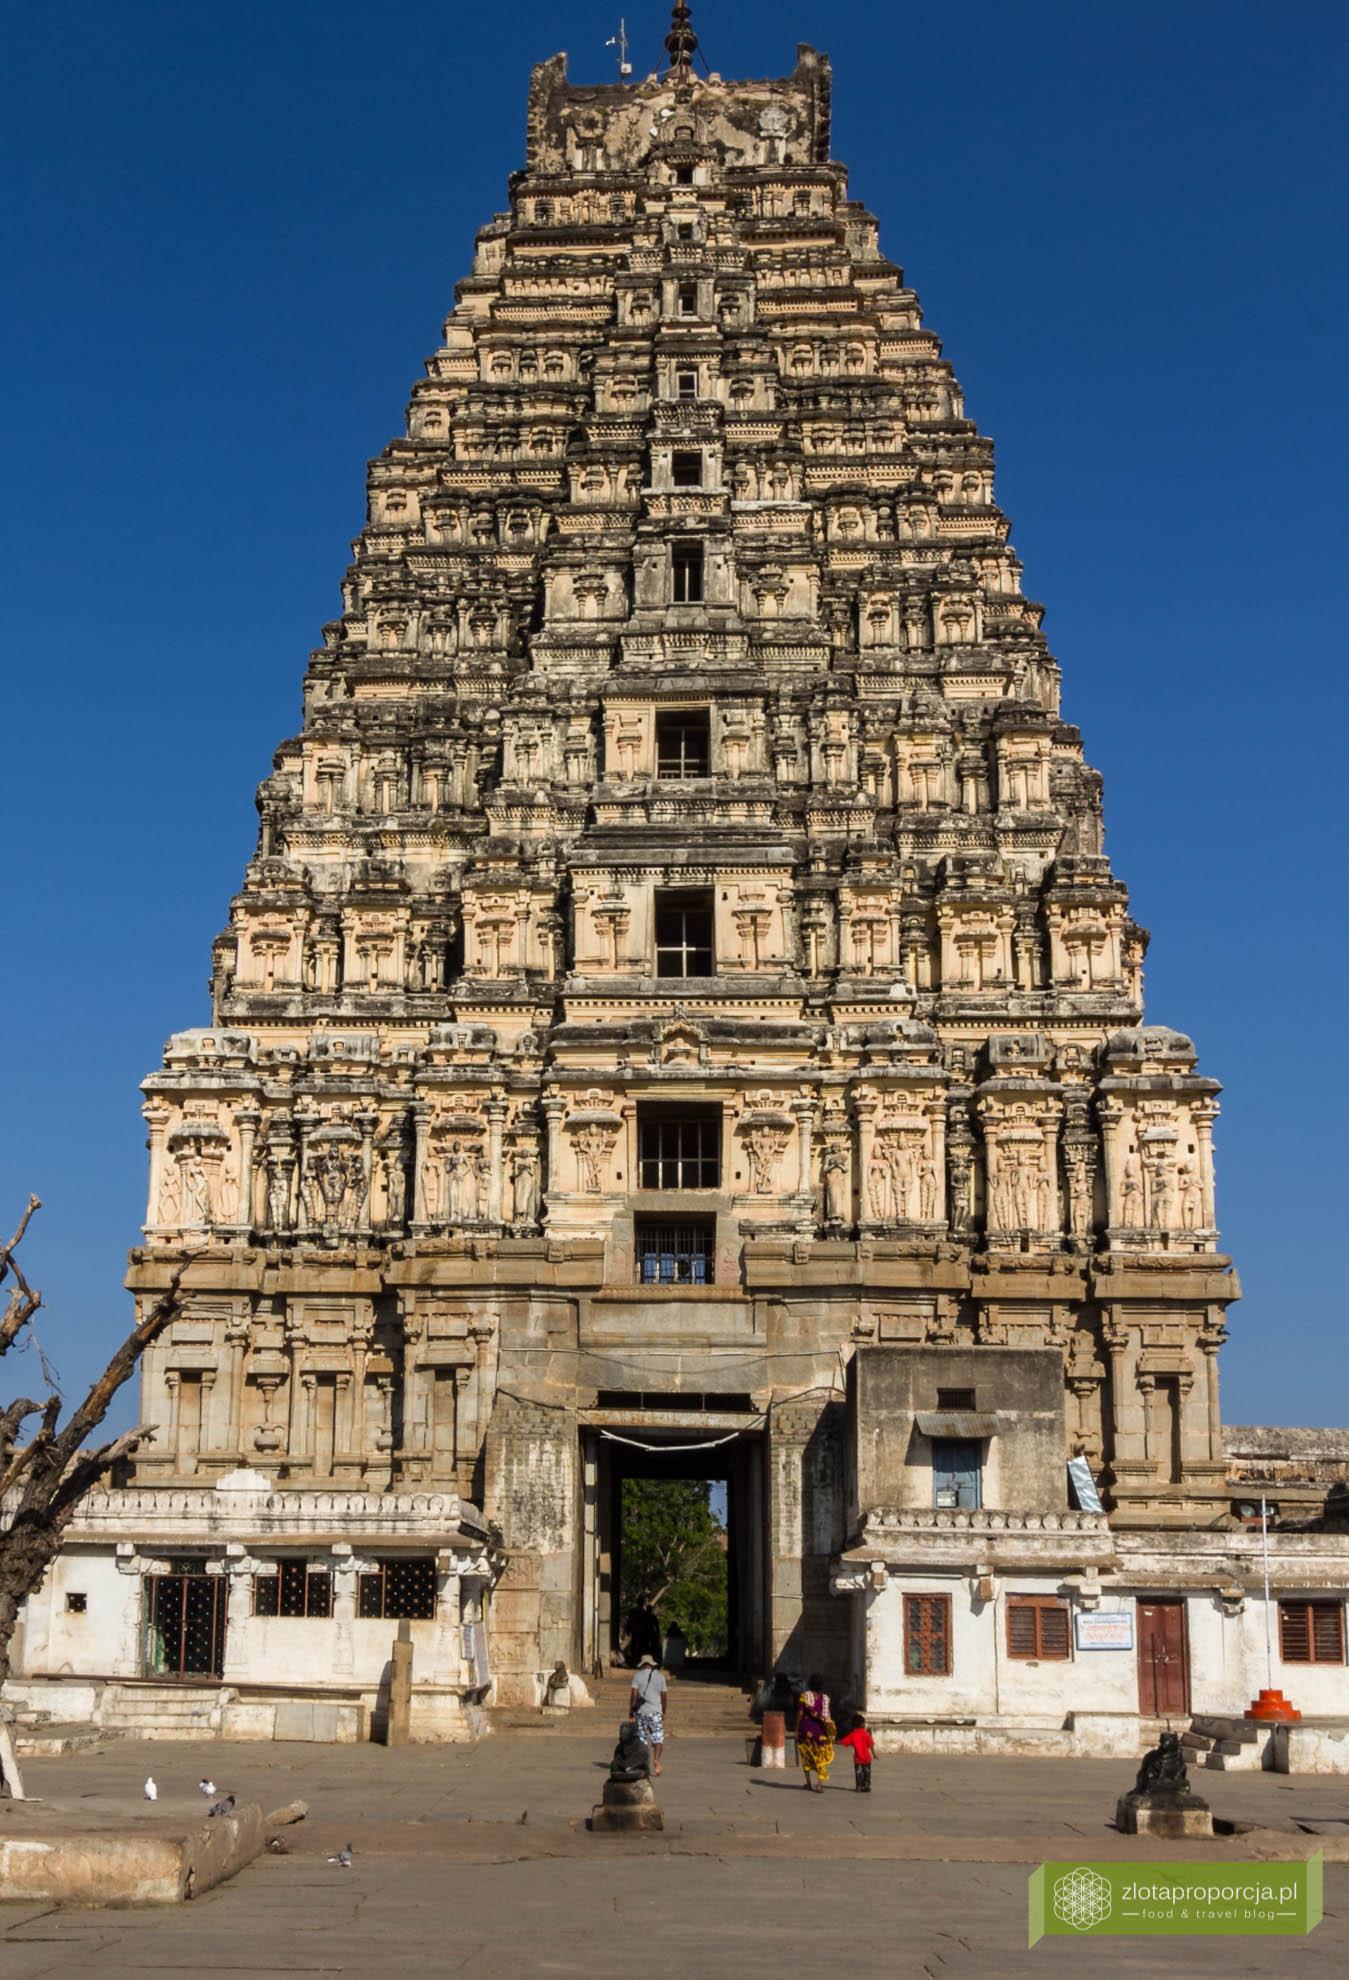 Świątynia Virupaksha, Hampi, Karnataka, Indie, zwiedzanie Hampi, okolice Goa, Indie ciekawe miejsca, Karnataka atrakcje, świątynie w Hampi